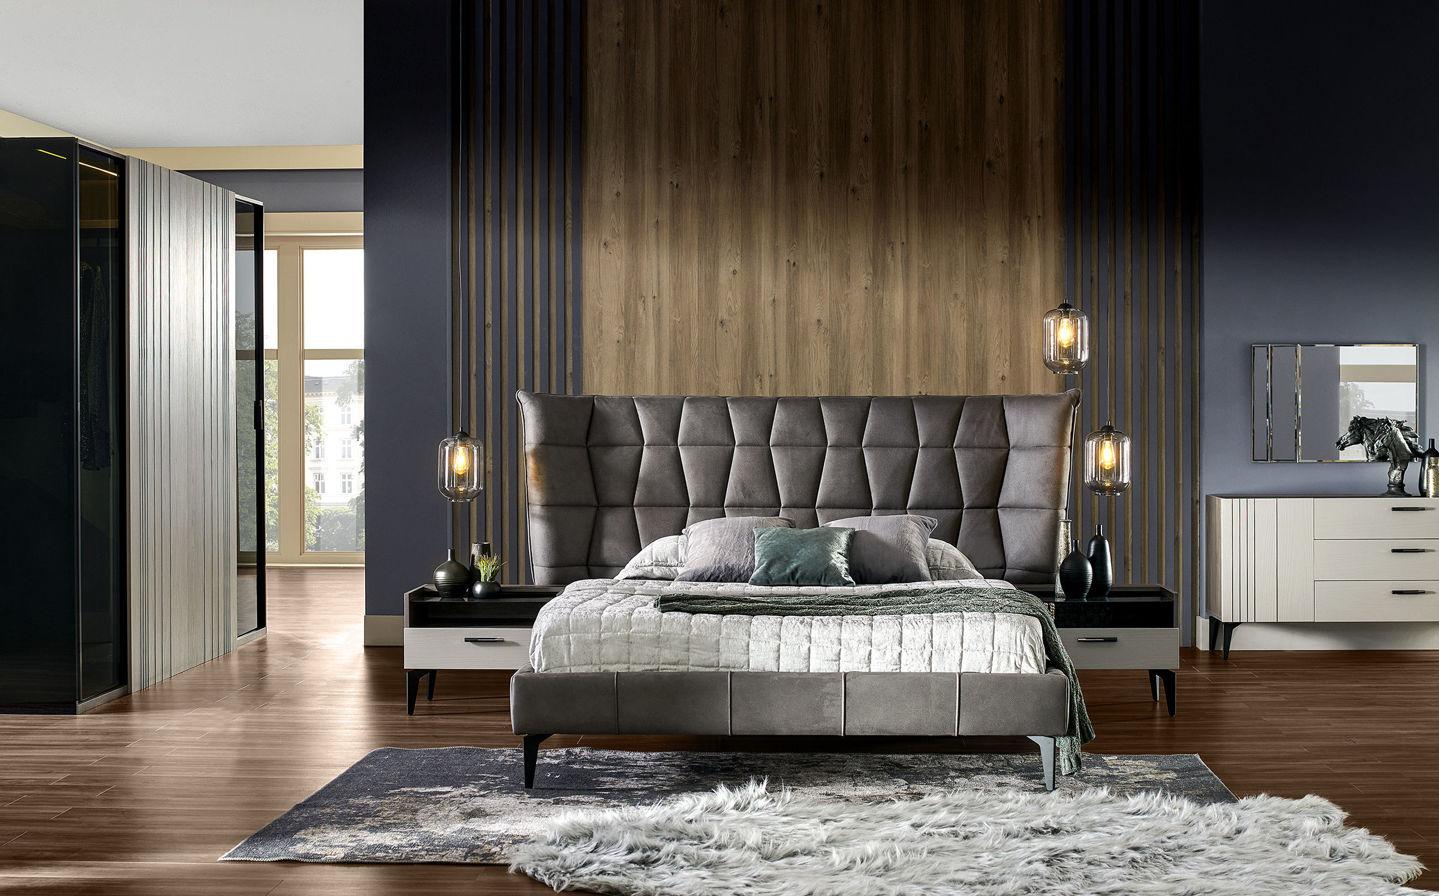 Prado Yatak Odası resmi